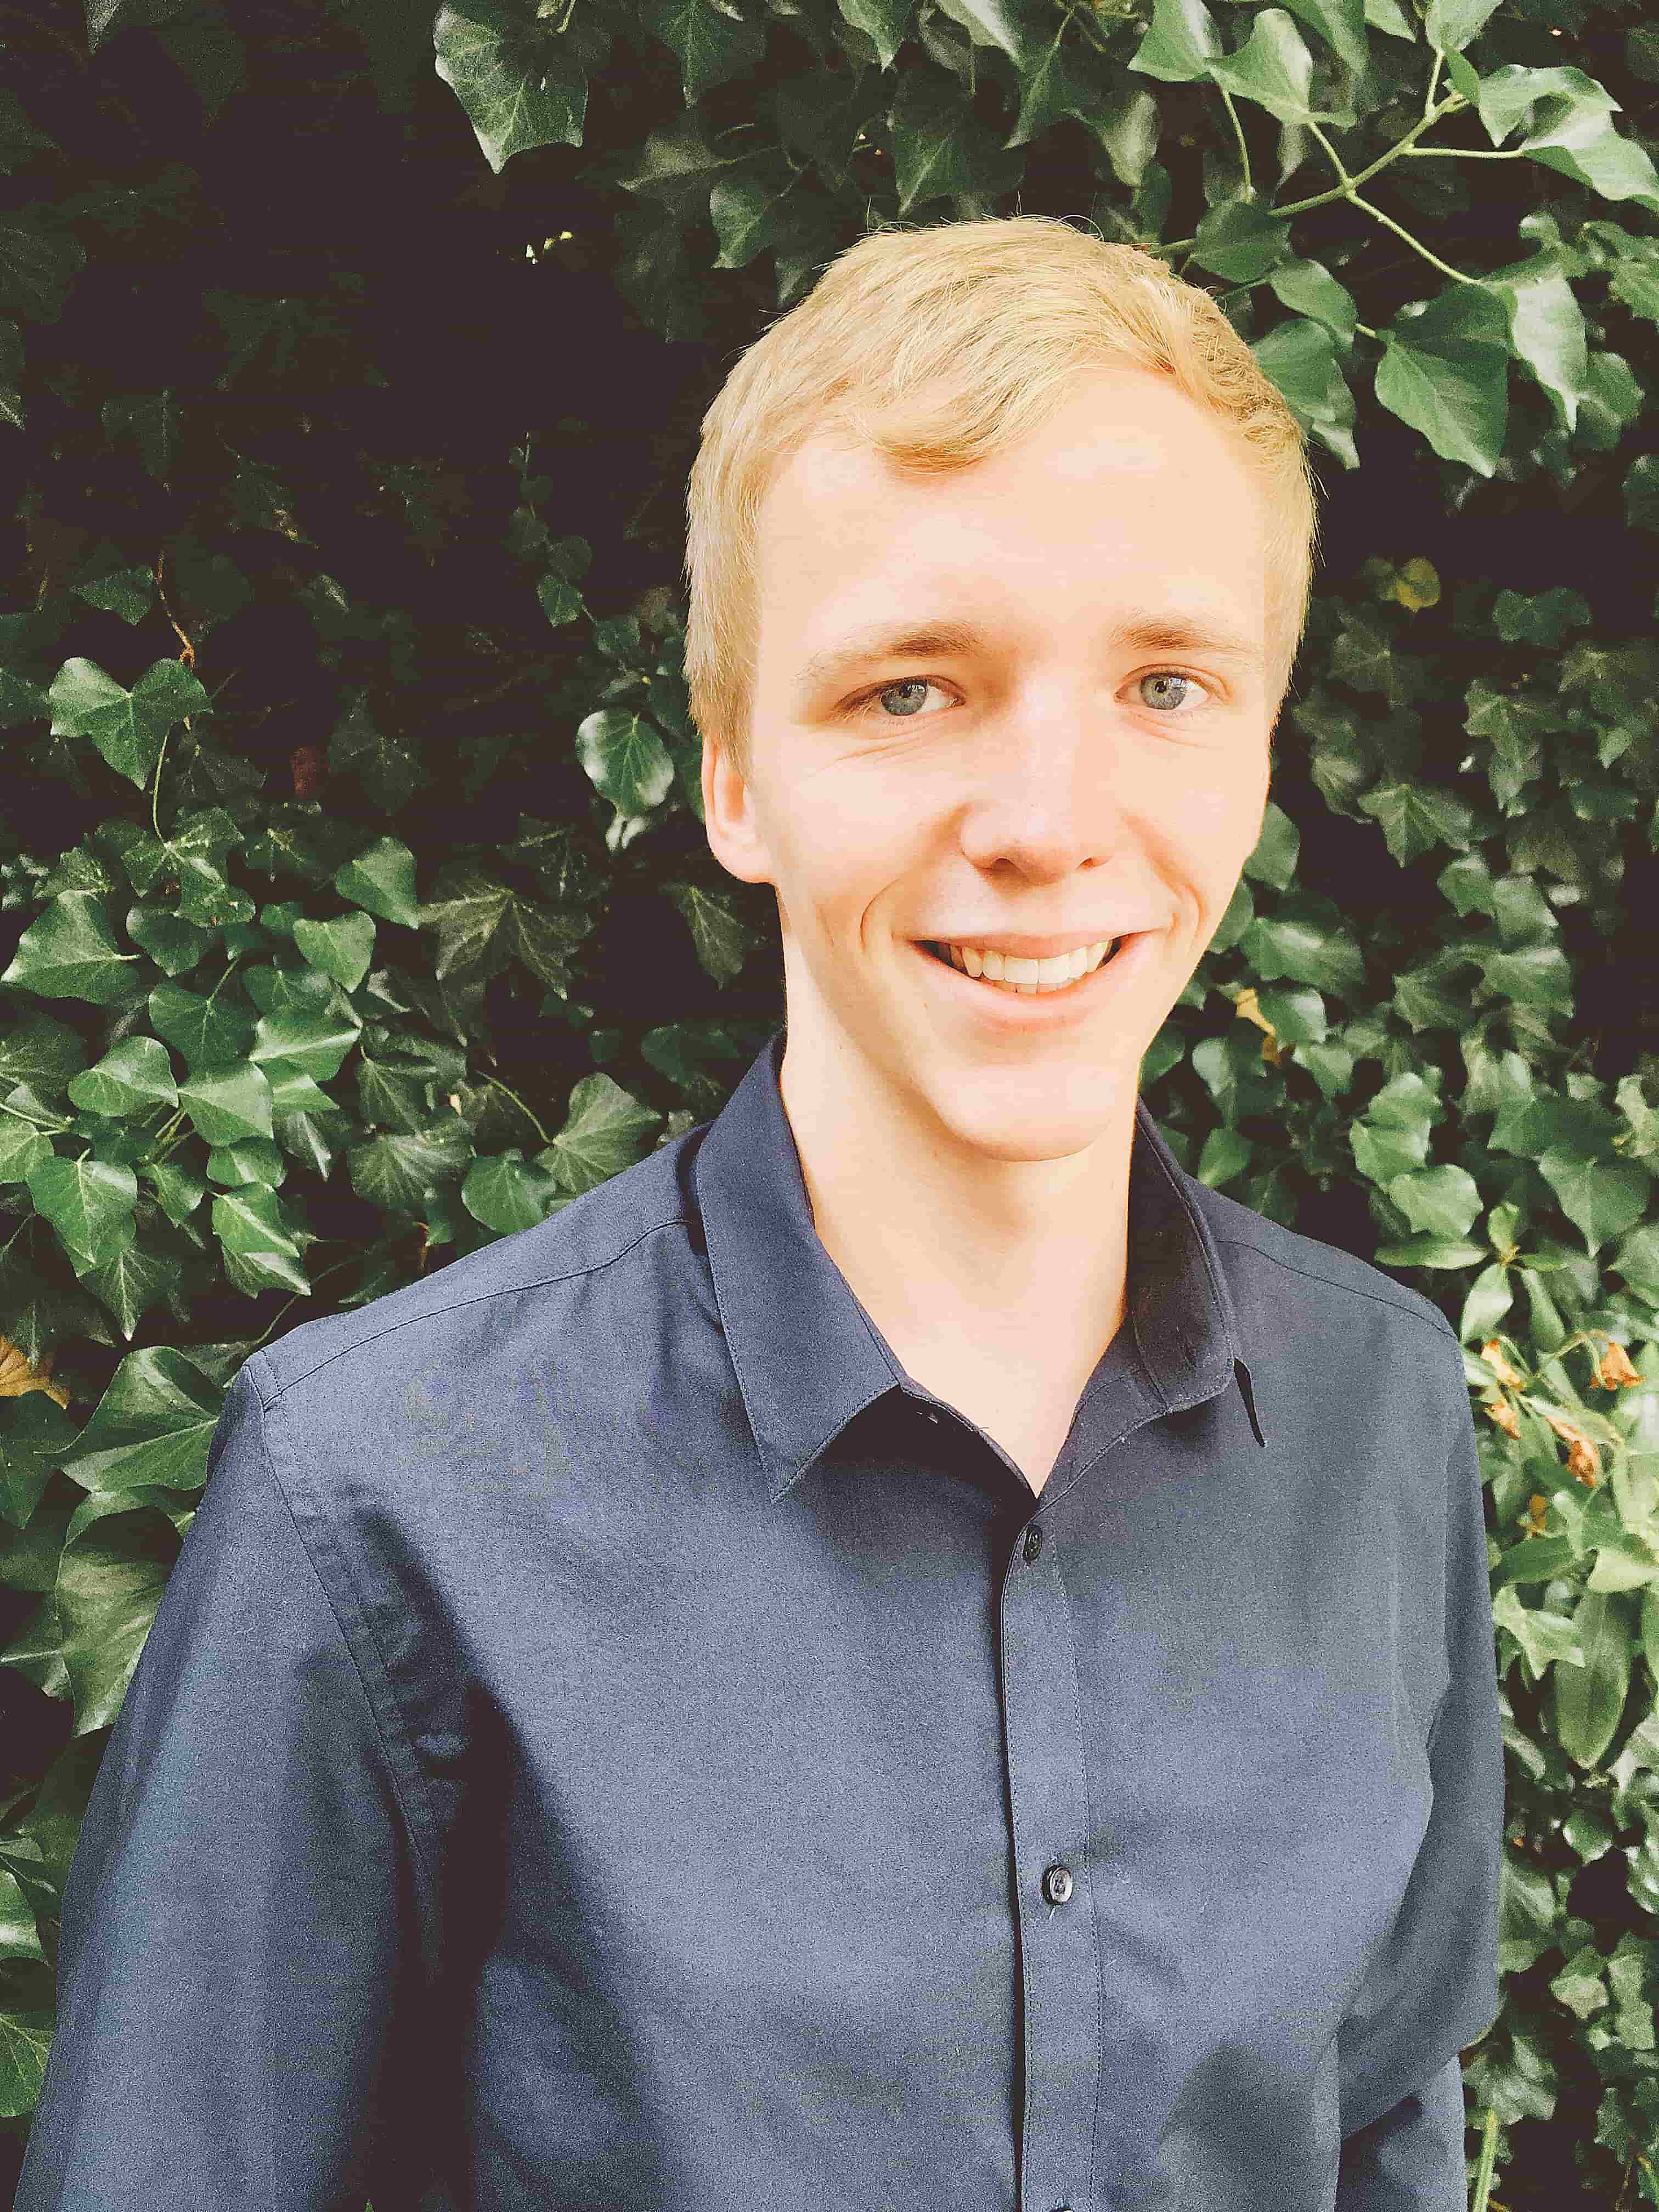 Recruiting und Active Sourcing mit Lukas Häußler von HR Consultion